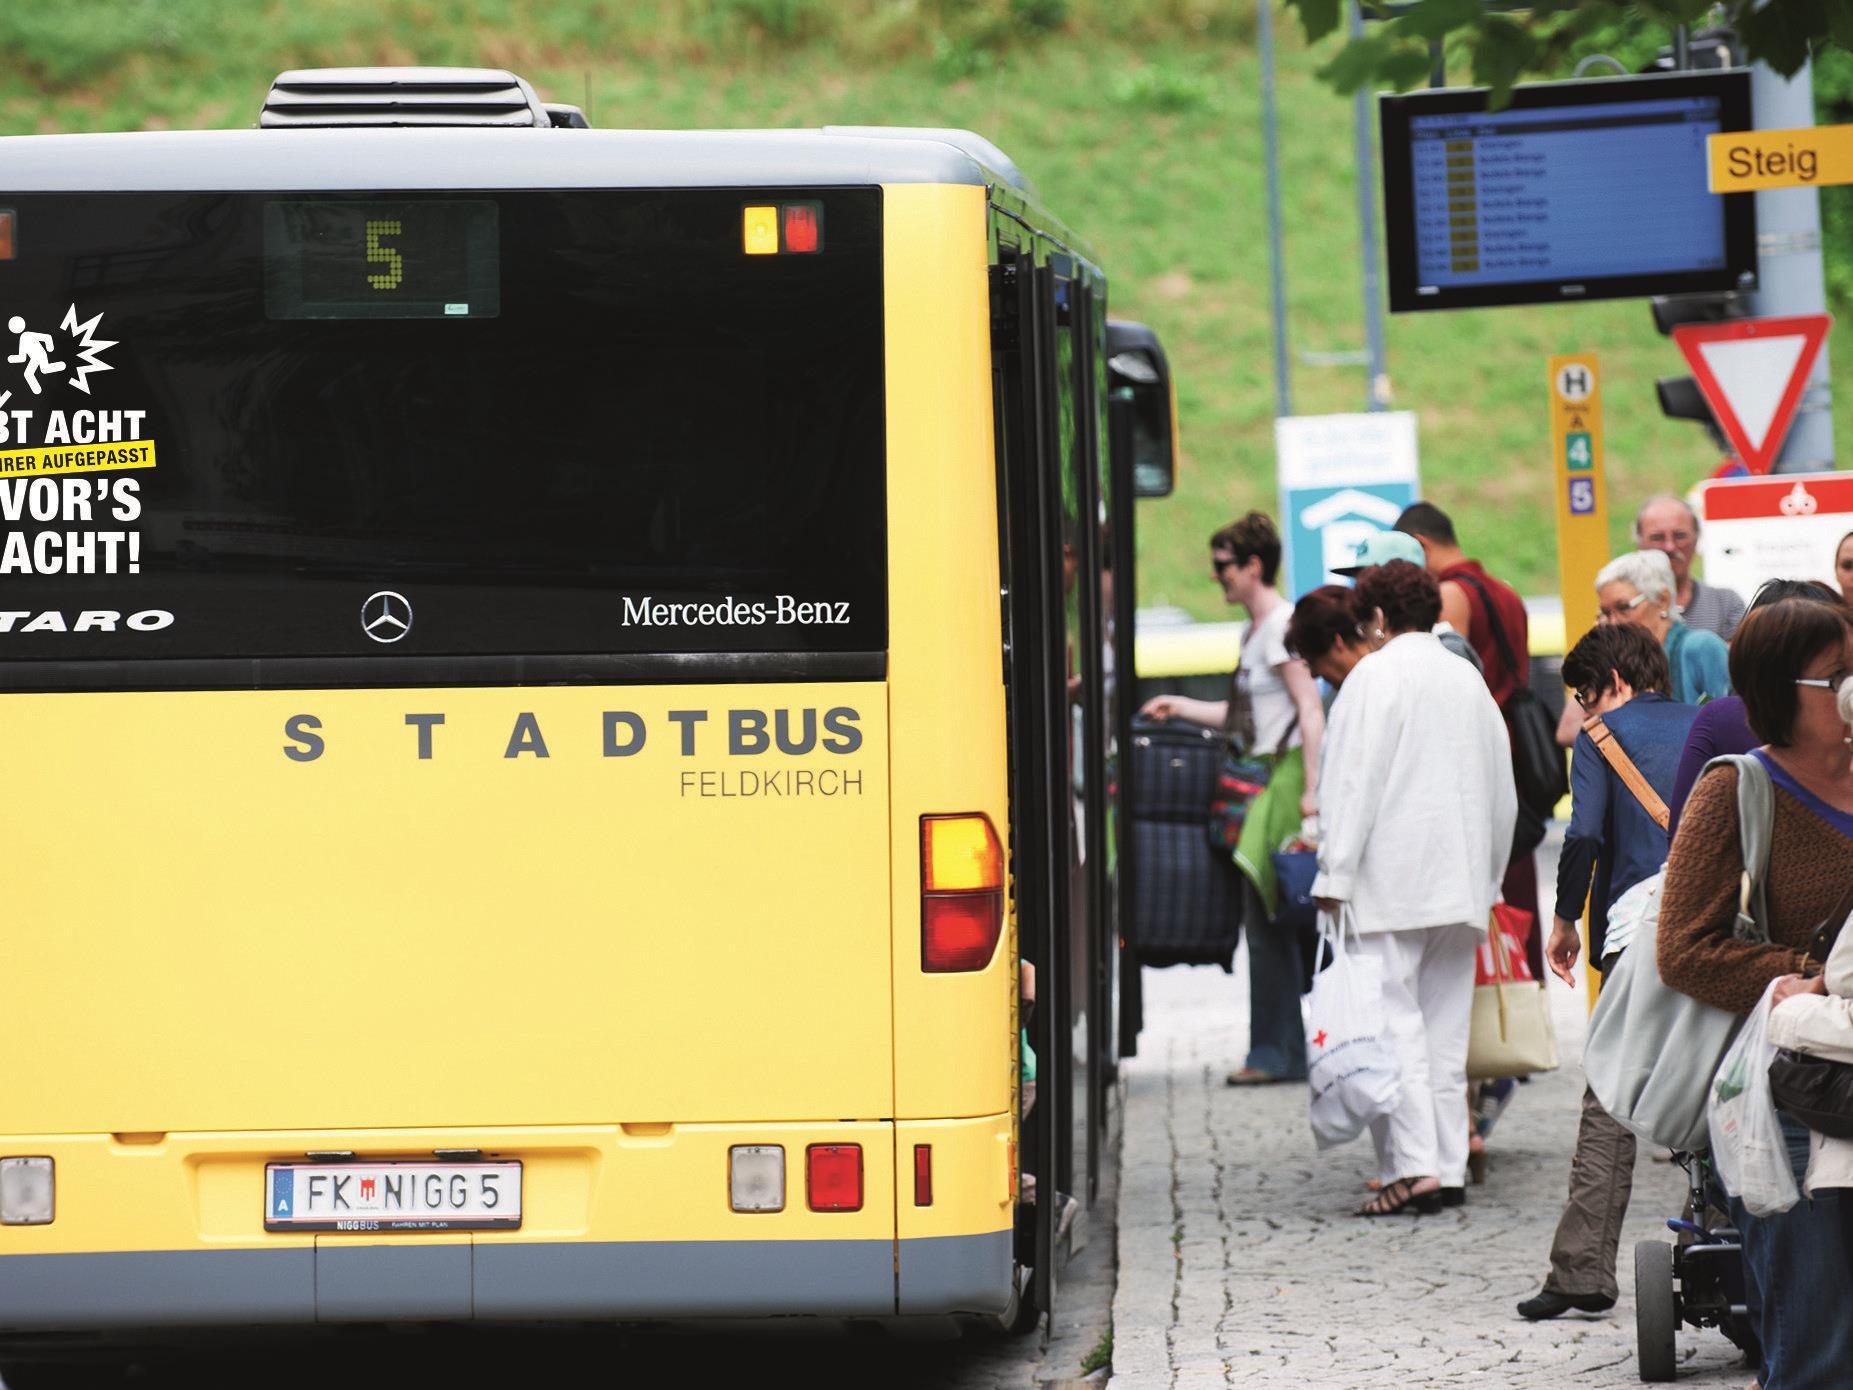 365-Euro-Jahresticket: seit Jahresbeginn zwölf bis 14 Prozent Neukunden in Vorarlberg.